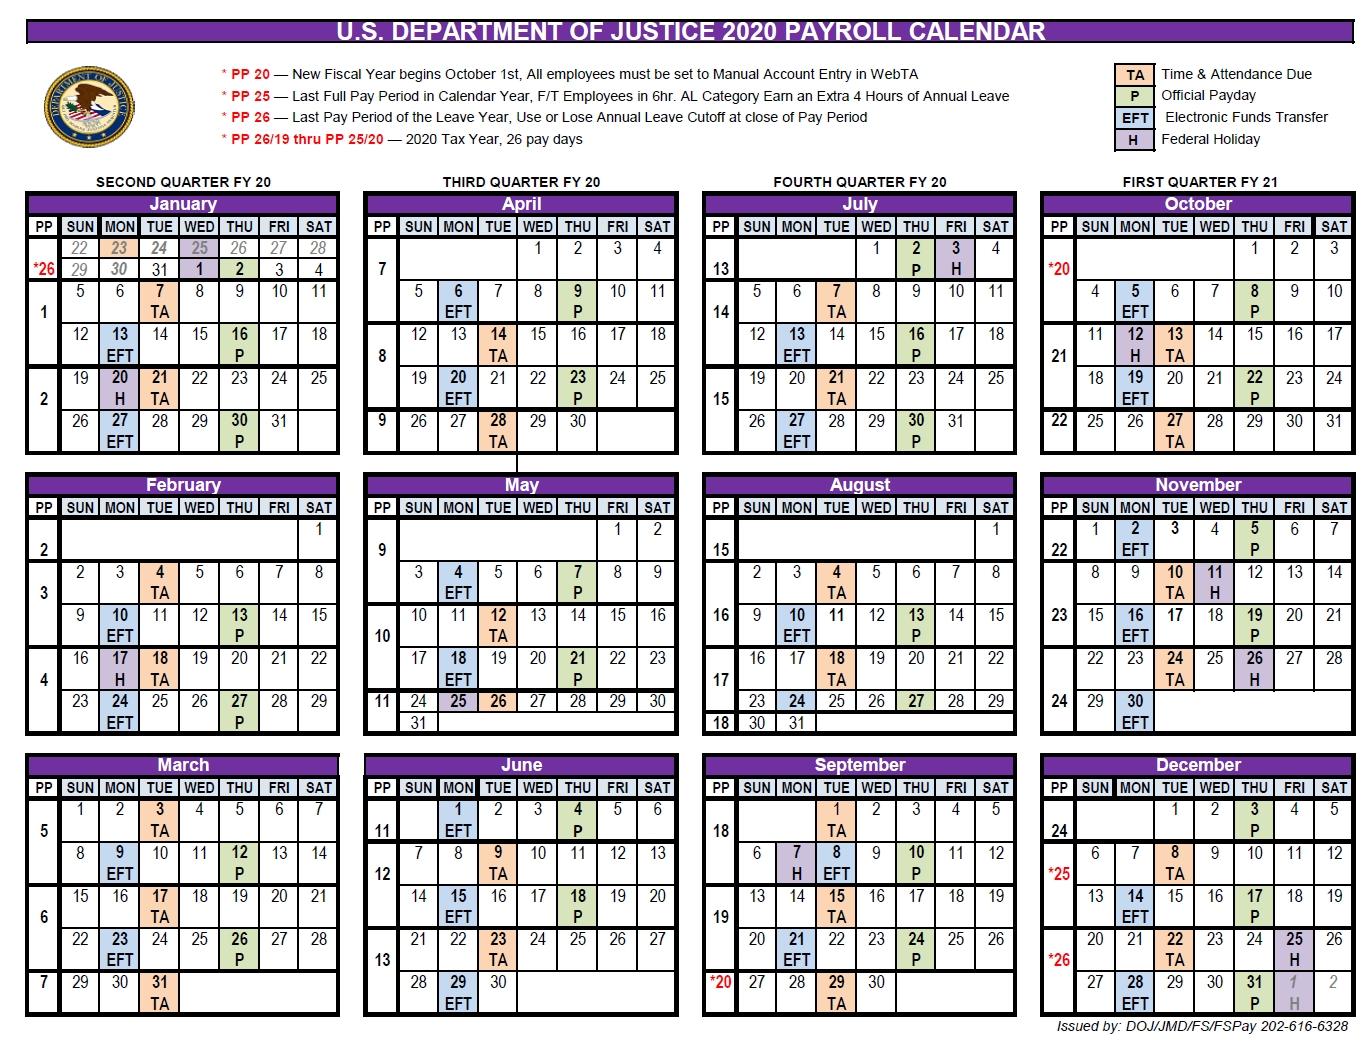 Doj Payroll Calendar 2021 | Payroll Calendar